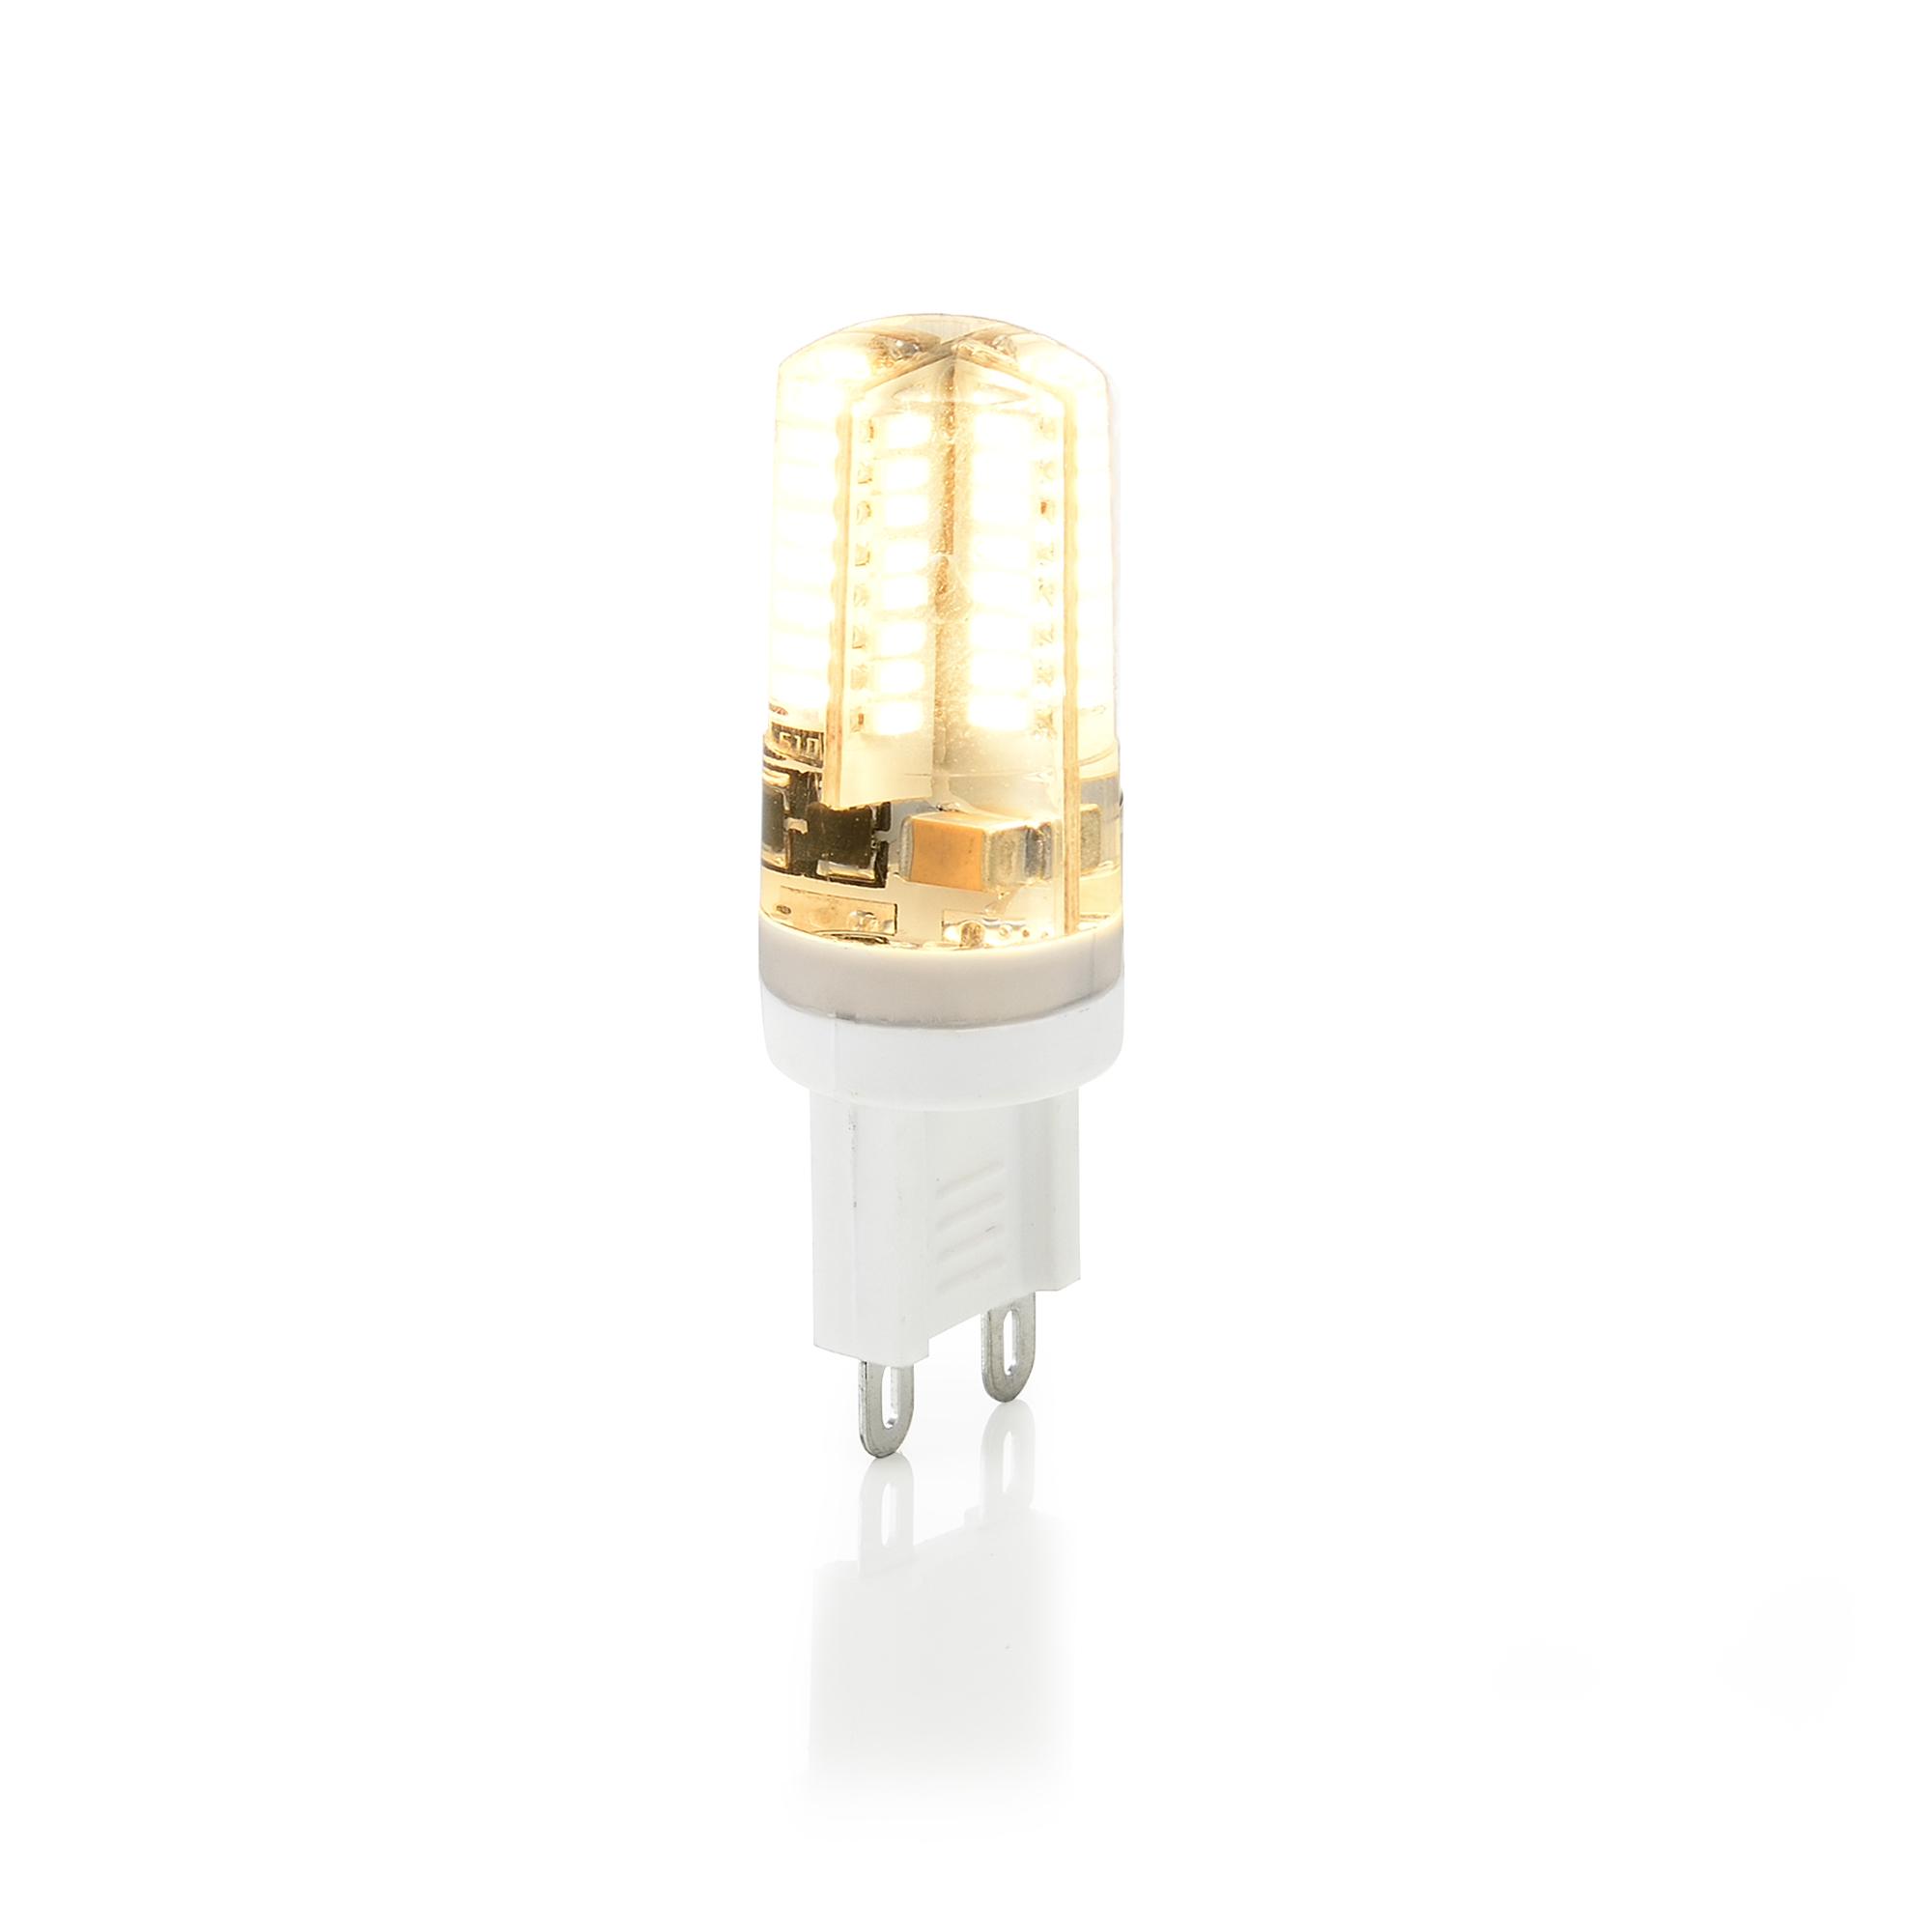 lux pro led g9 pico 15mm spot 40 smd 250lm 230v gu9 bulb lamp light stift ebay. Black Bedroom Furniture Sets. Home Design Ideas